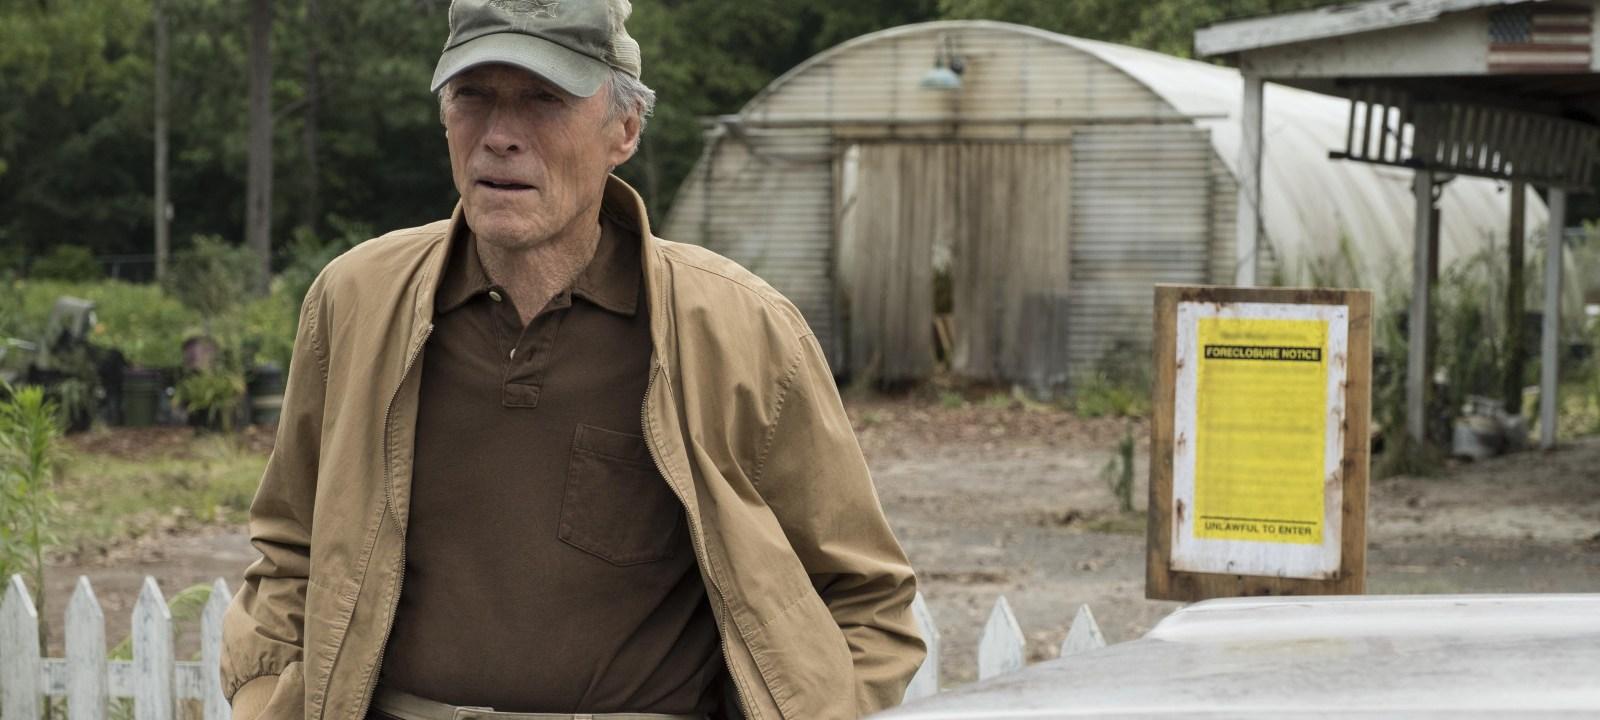 Cry Macho: largometraje tibio y descafeinado de Clint Eastwood